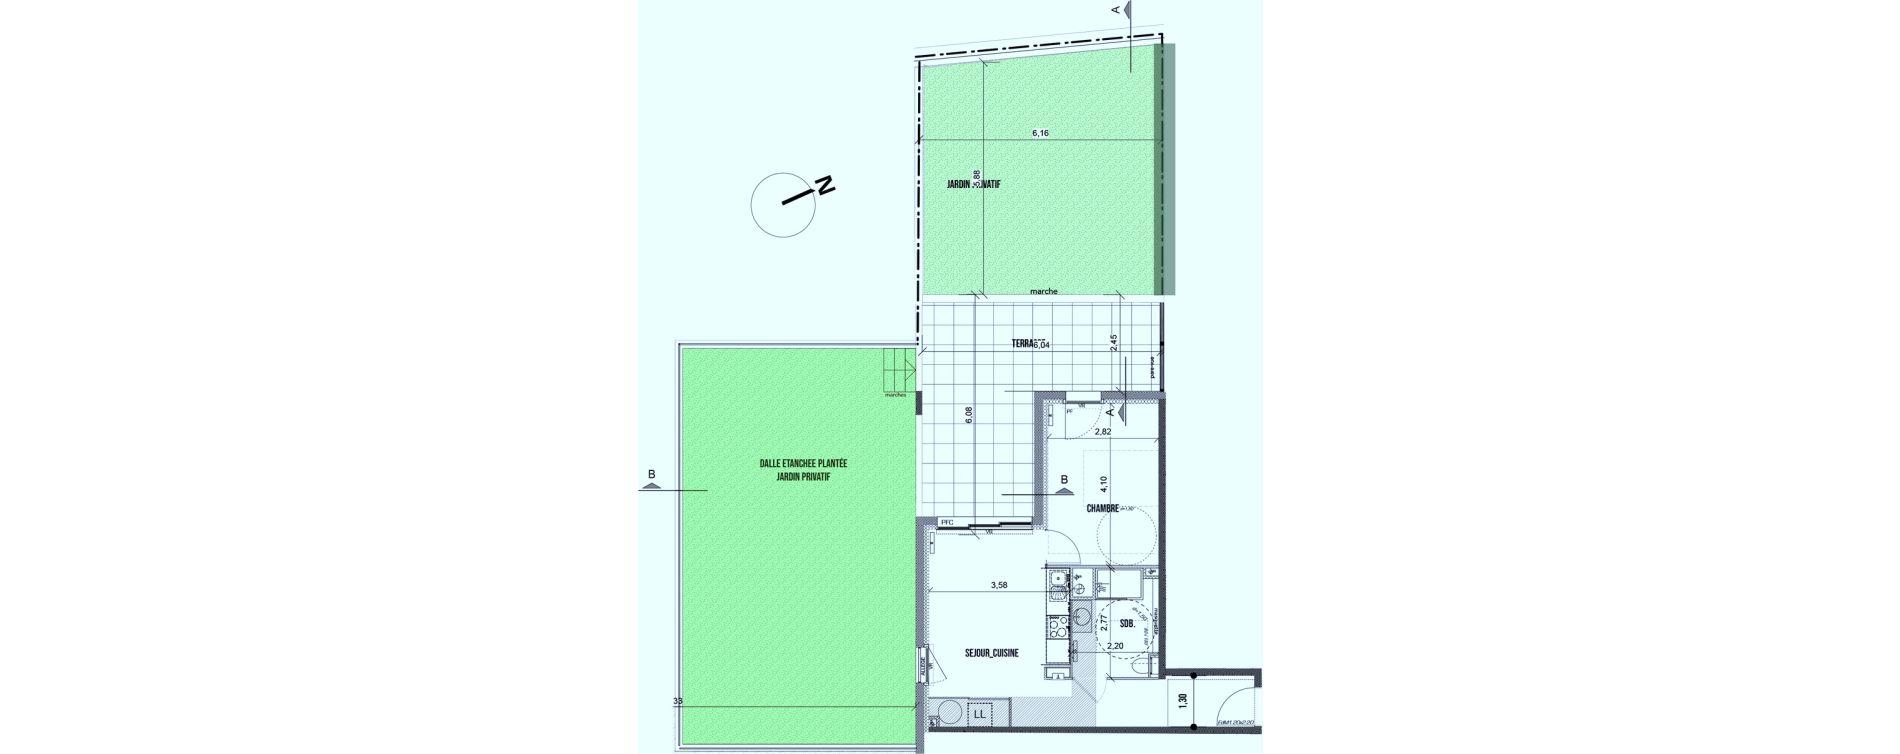 Appartement T2 de 39,85 m2 à Marseille Les caillols (12eme)